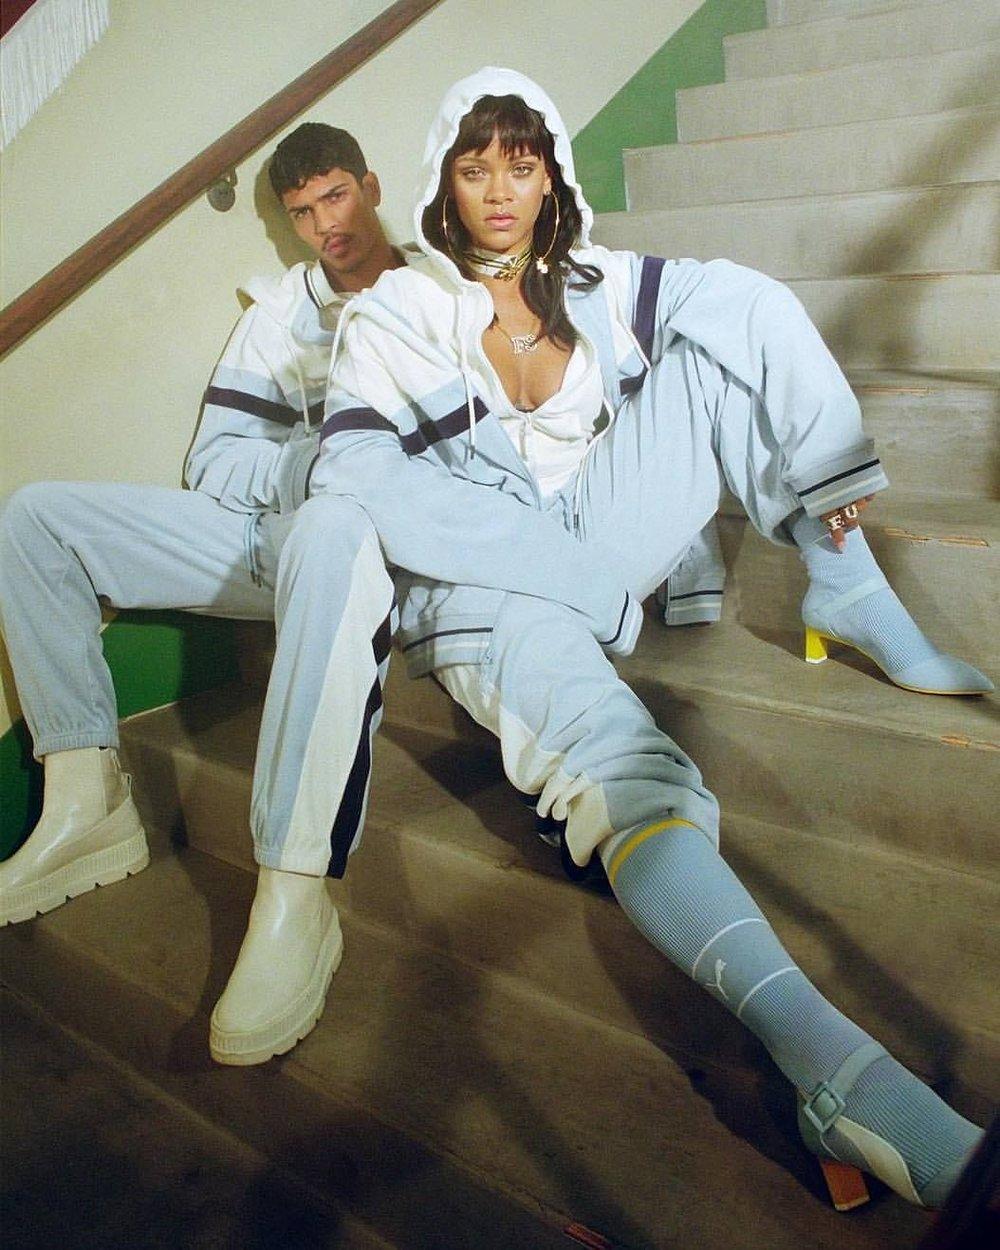 Gente-Rihanna-04-02112017.jpg